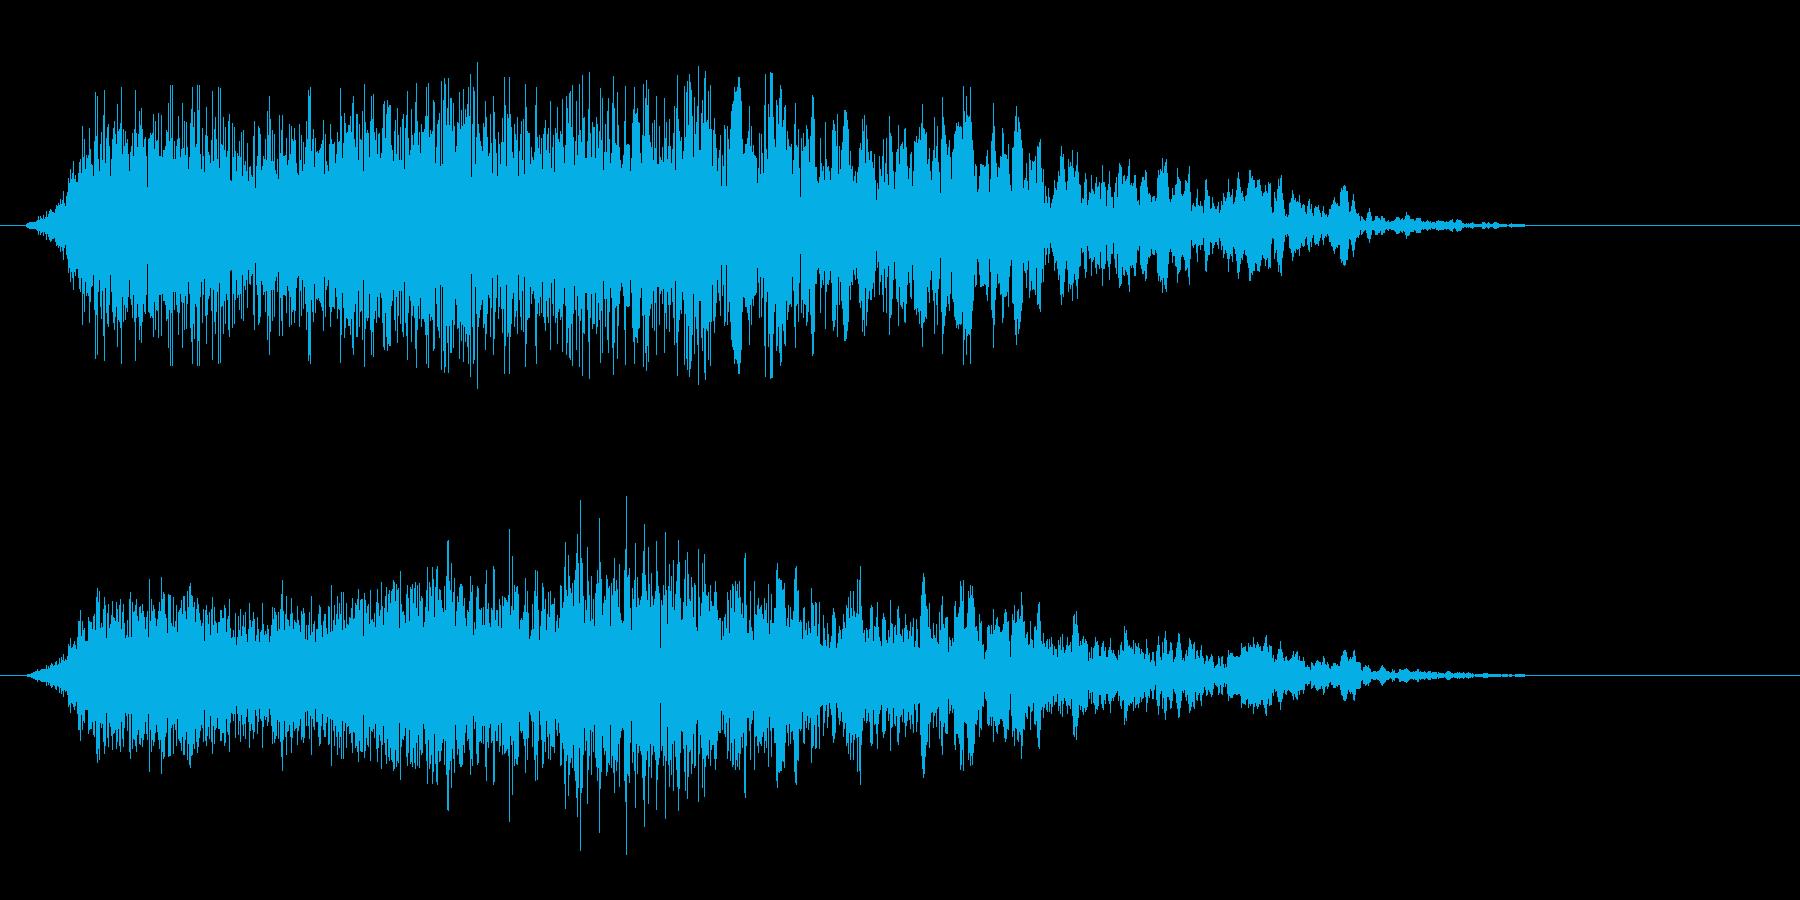 シュゥゥゥというエアー音の再生済みの波形